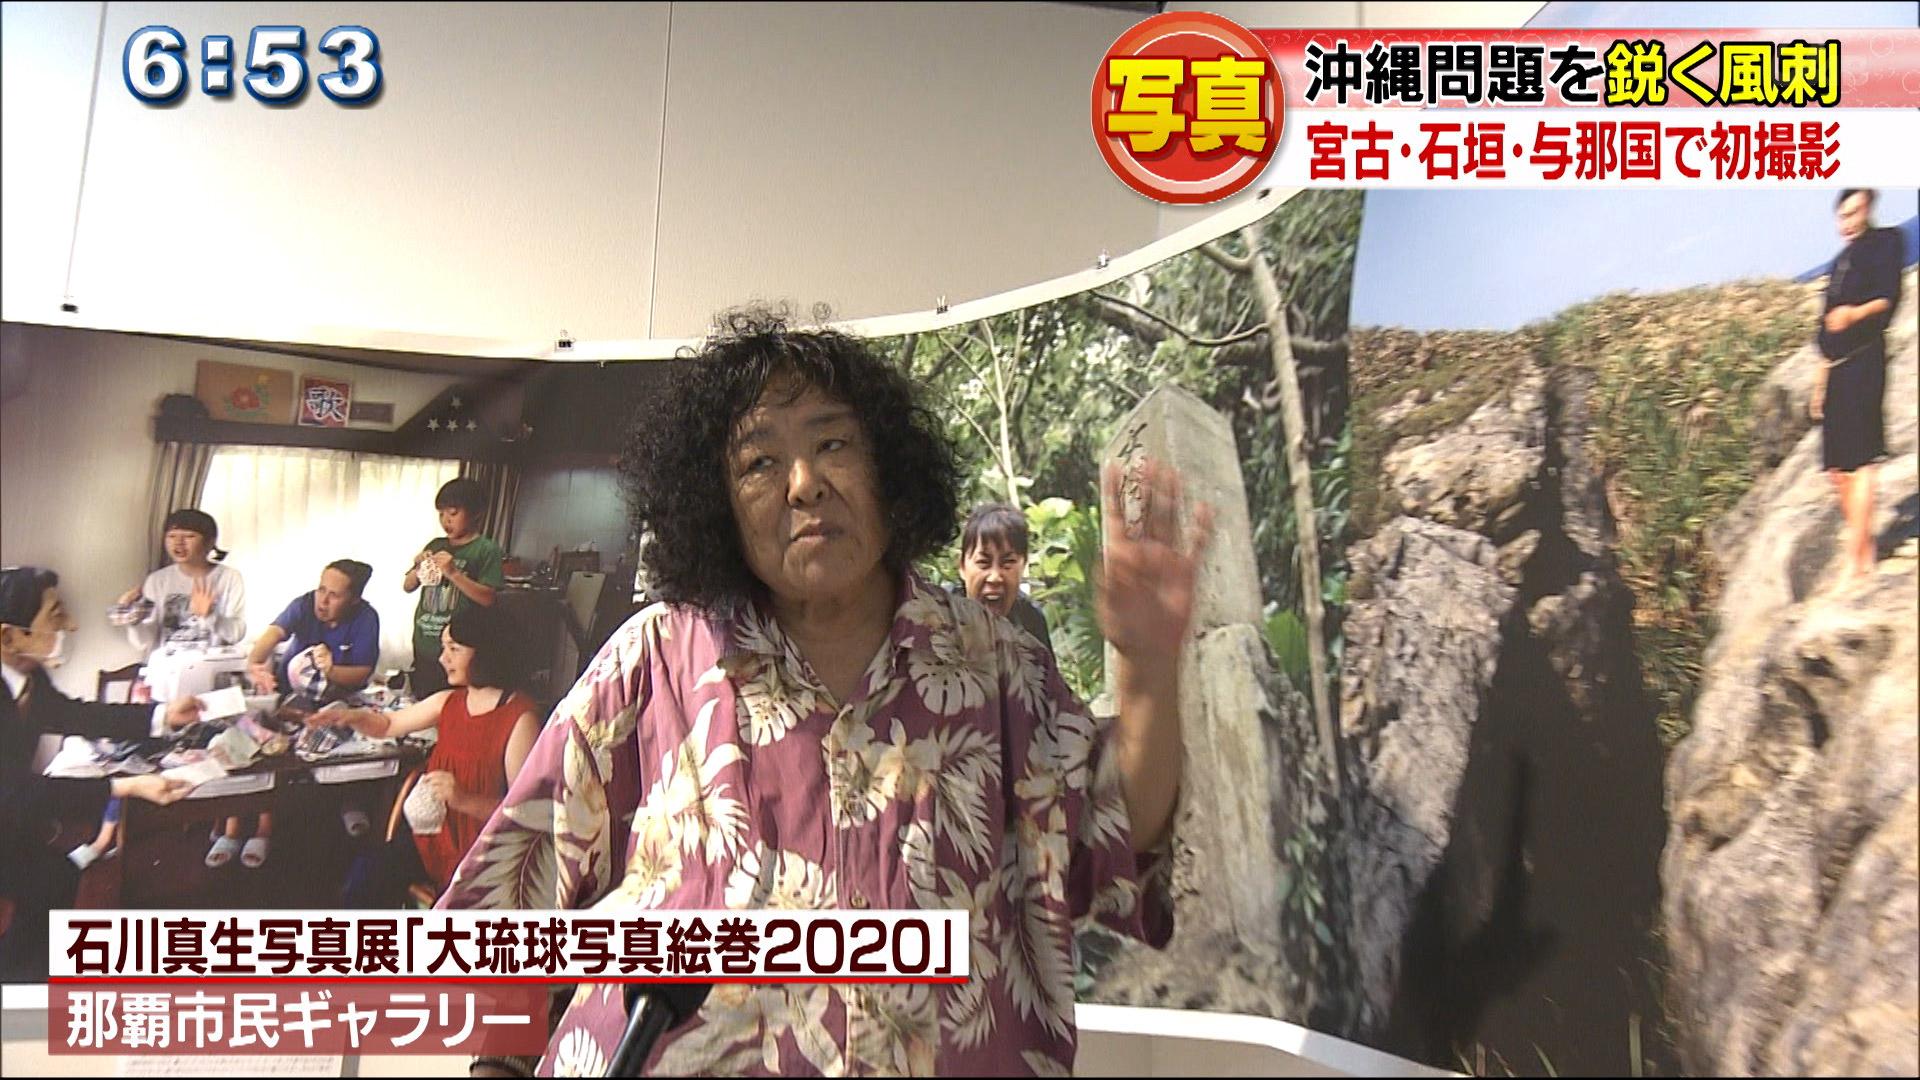 石川真生写真展「大琉球写真絵巻2020」